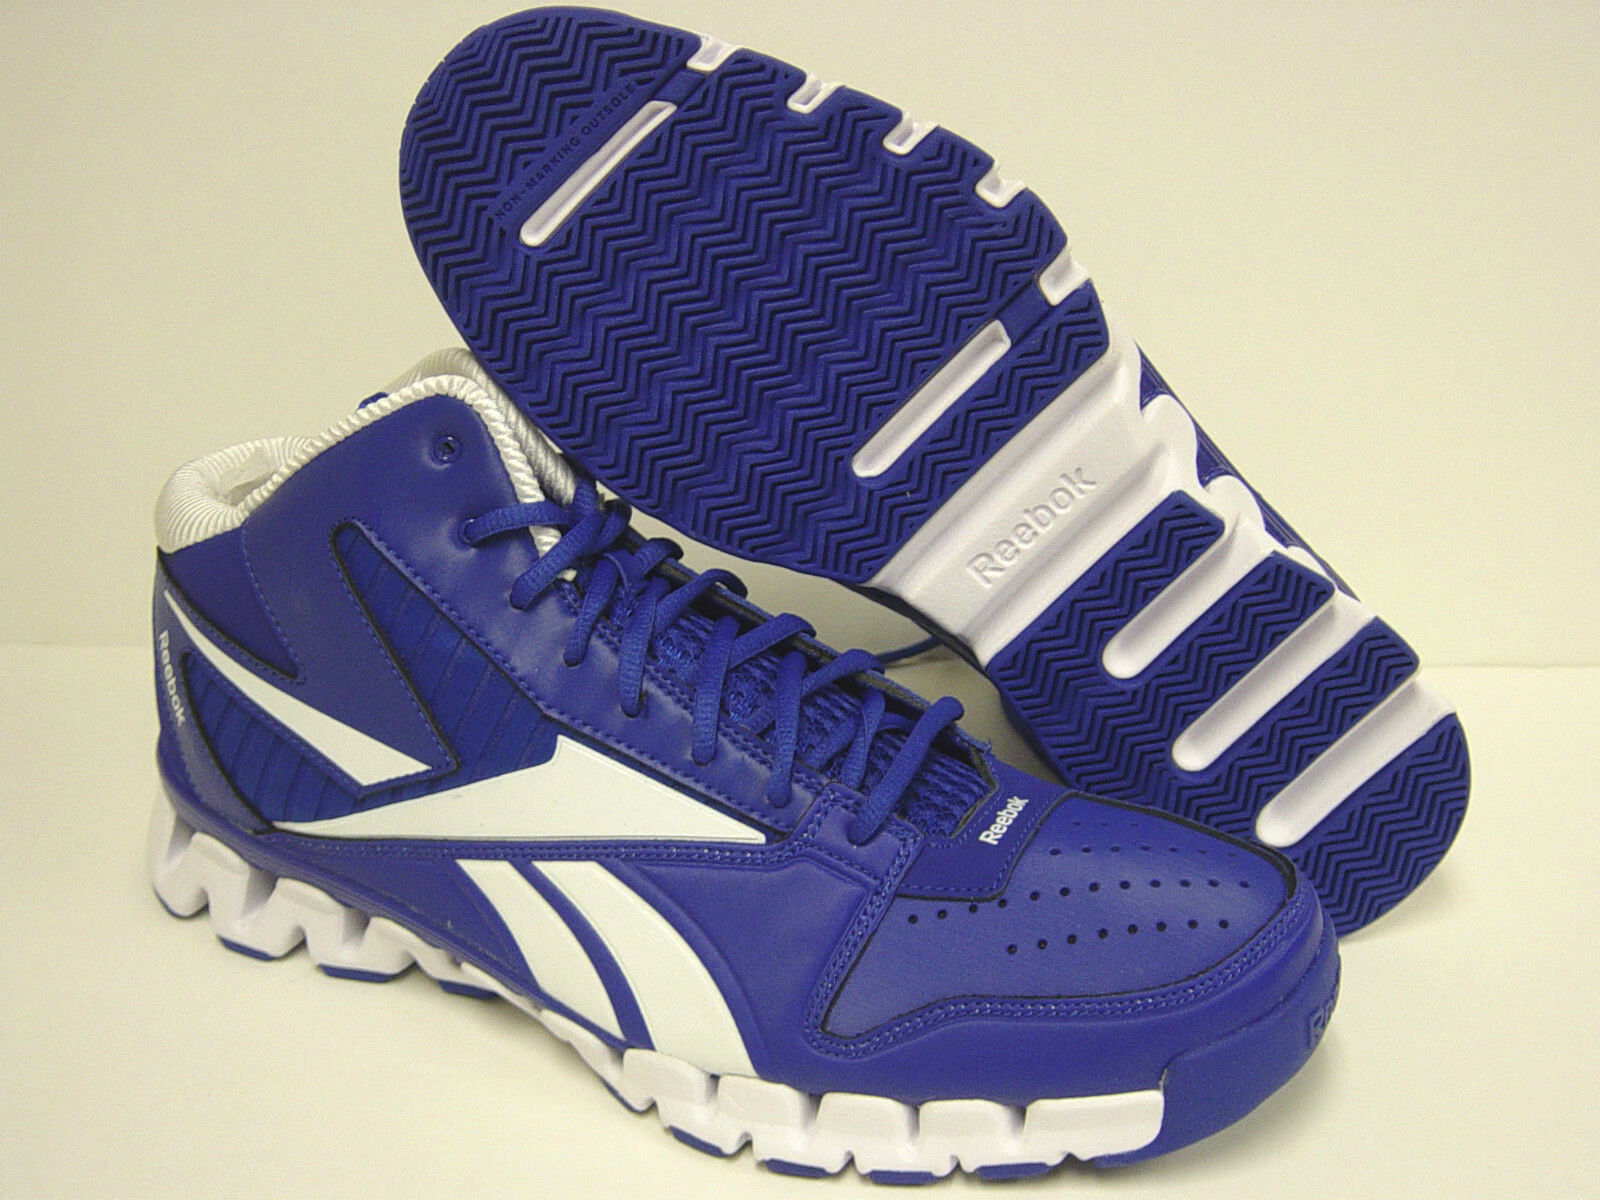 Nuevo Para hombres REEBOK Zig Nano Pro Fury V45139 azul muestra Tenis Deportivas zapatos de baloncesto